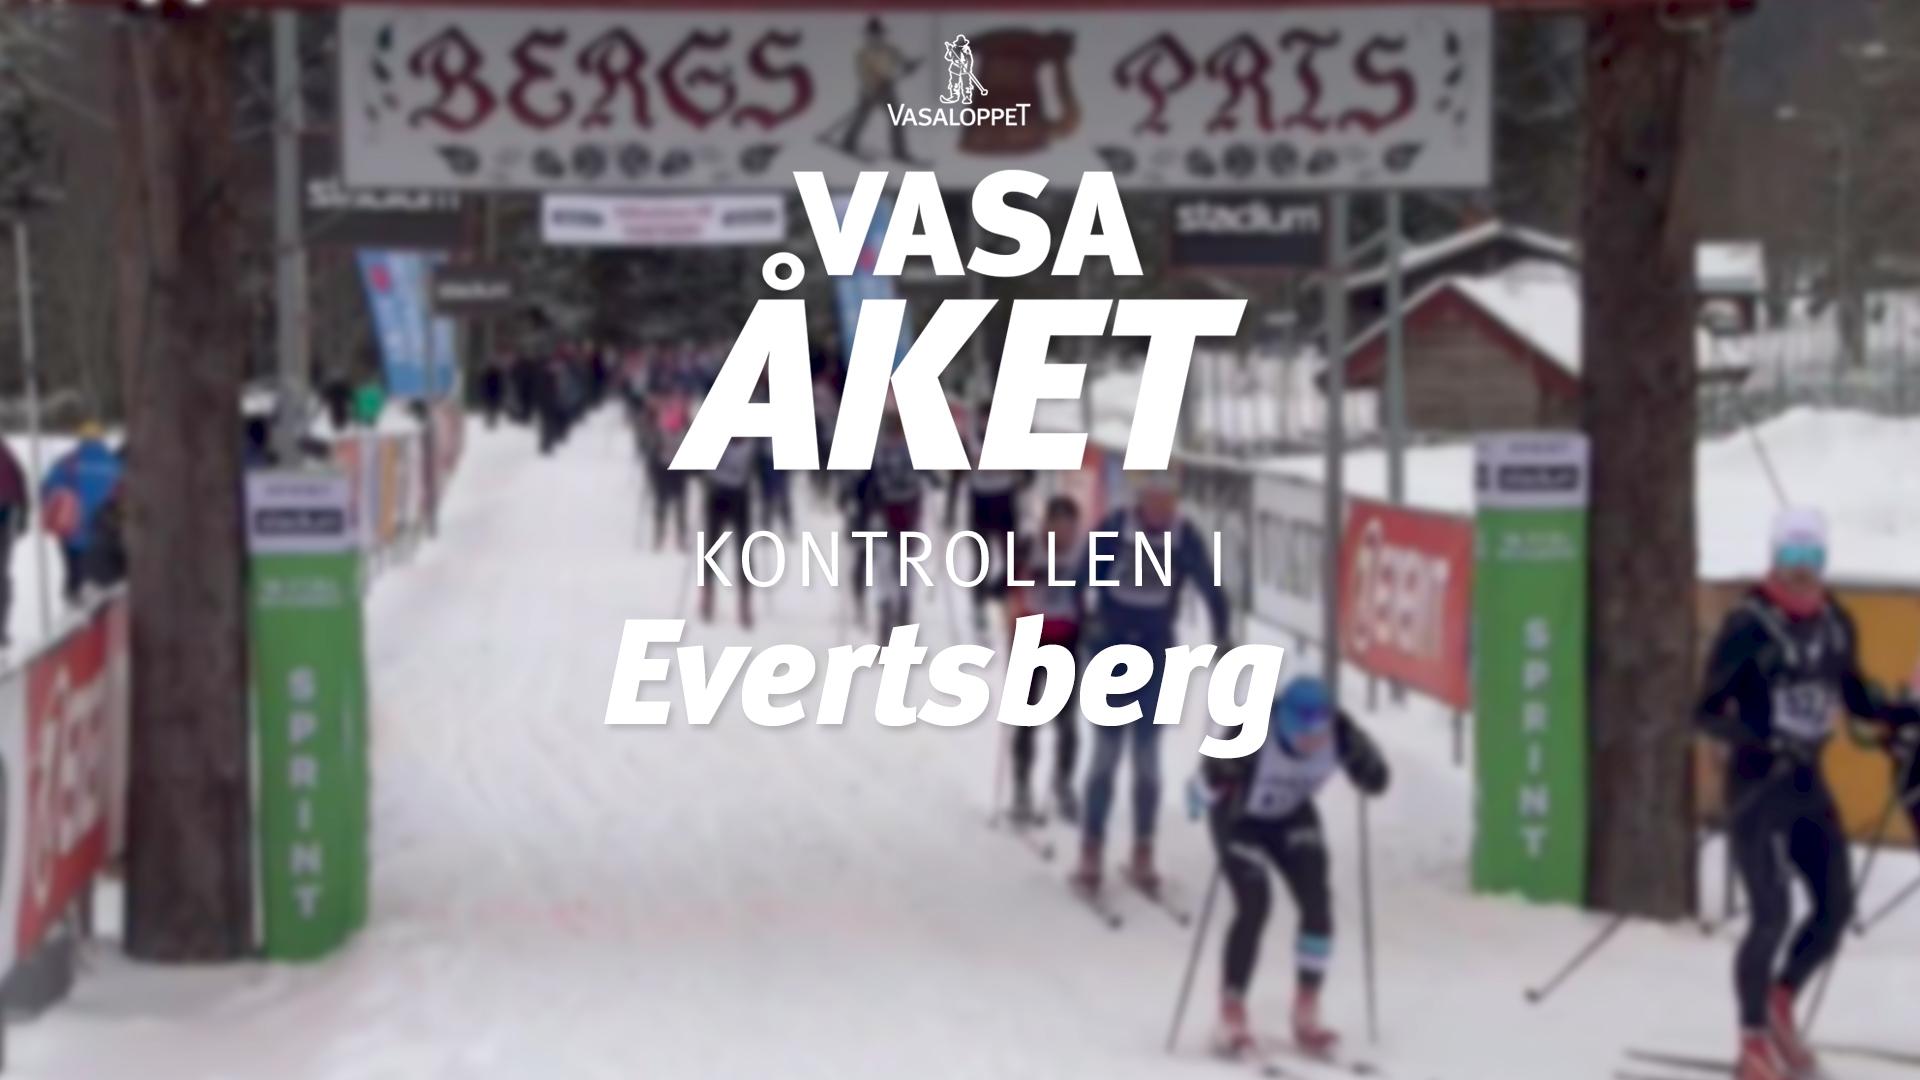 12 februari, 2021 – Evertsberg